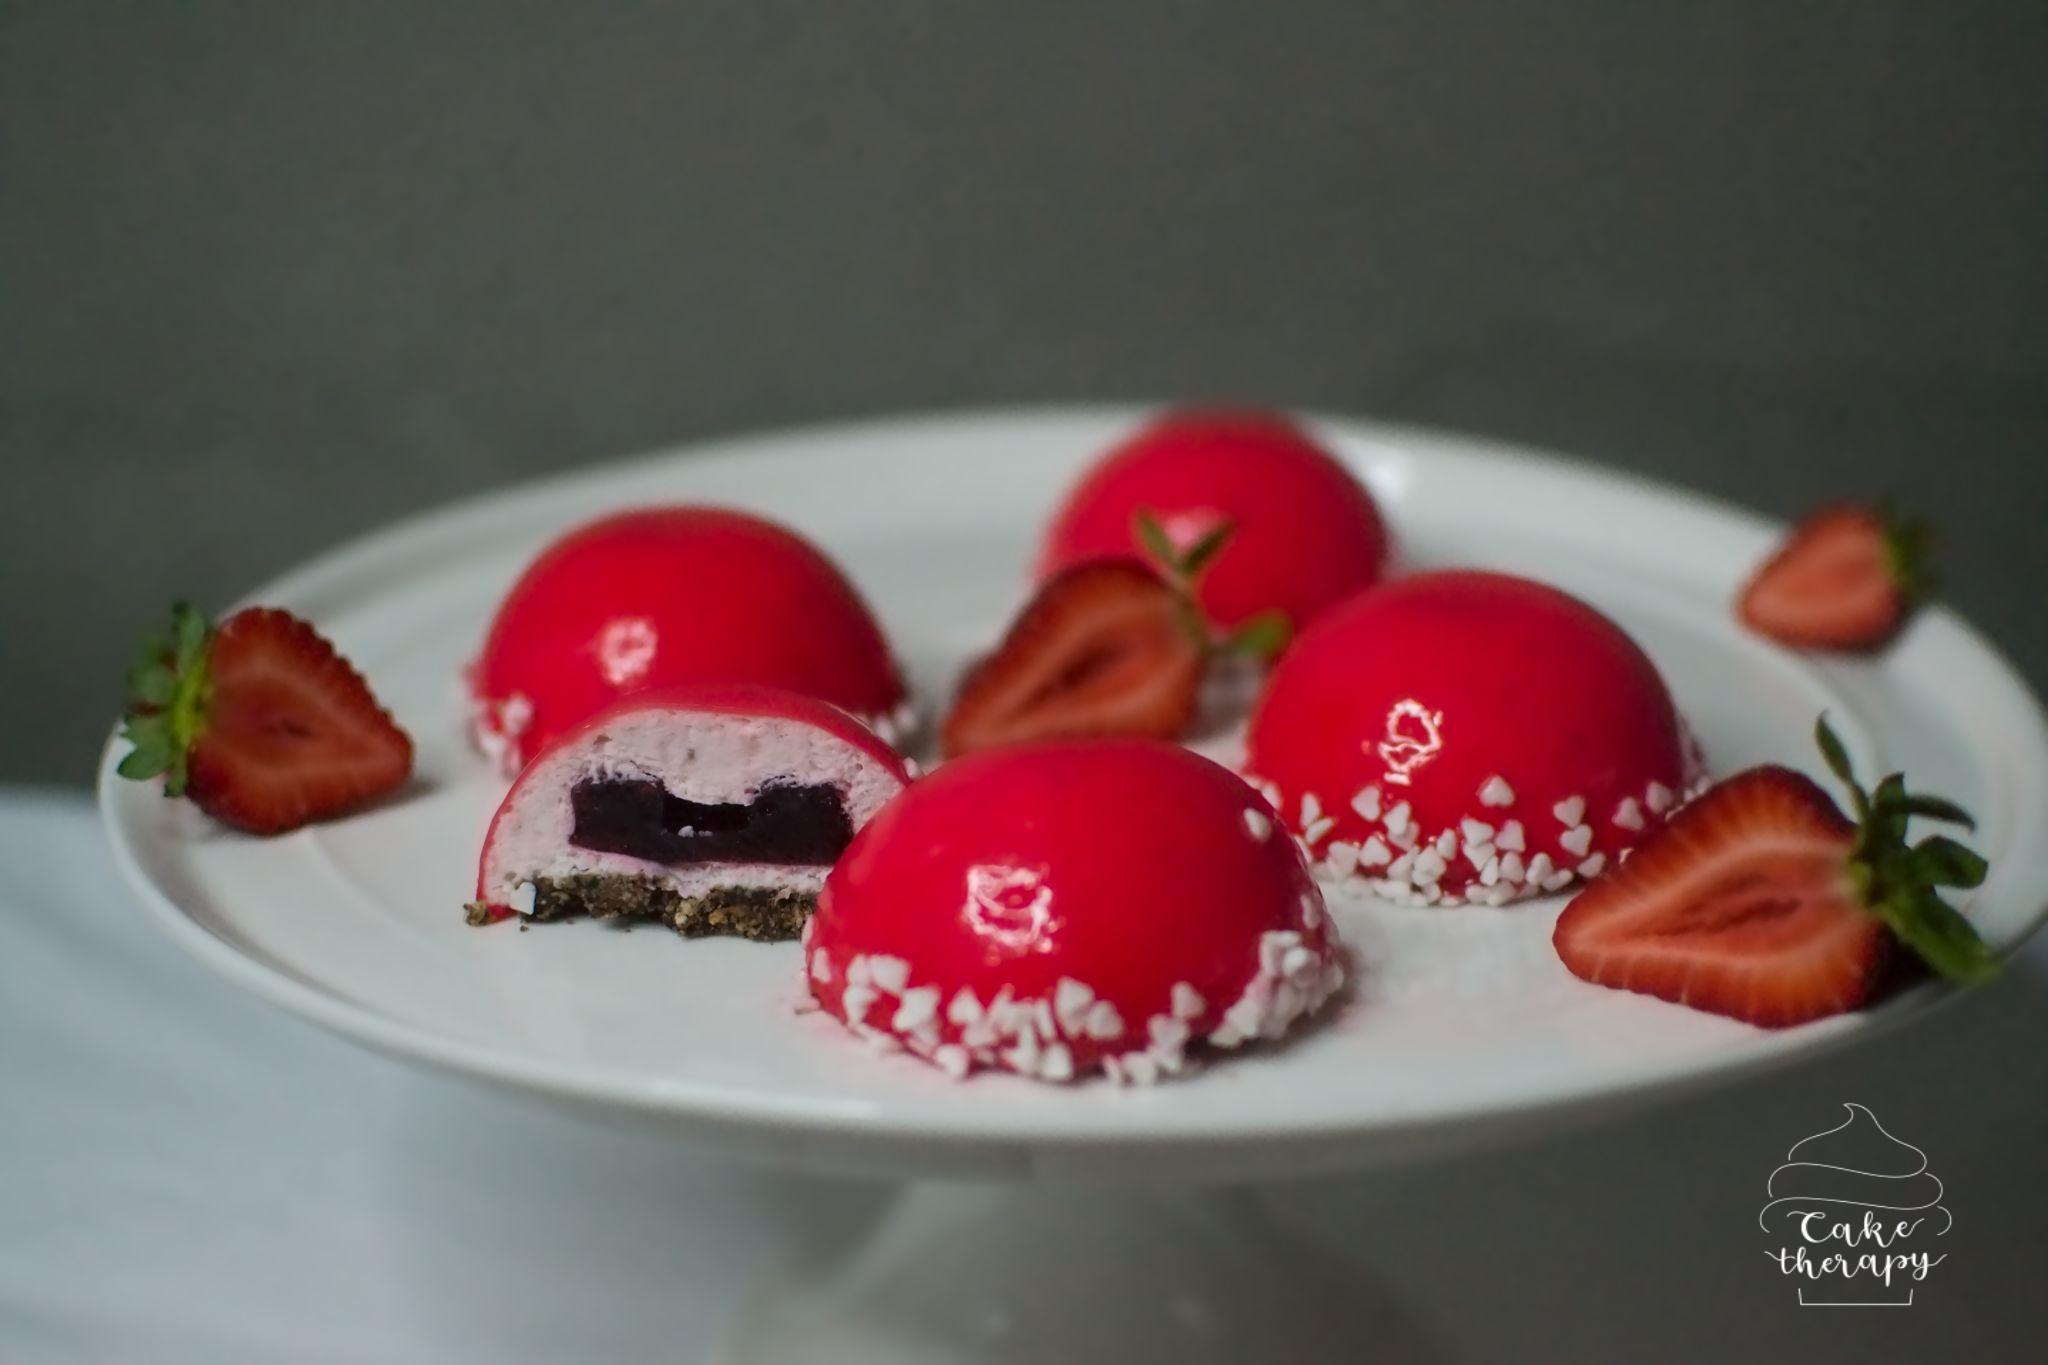 Świeże truskawki i śmietanka kremówka w postaci musu, żelka ze świeżych jeżyn i kruche czekoladowe ciastko.